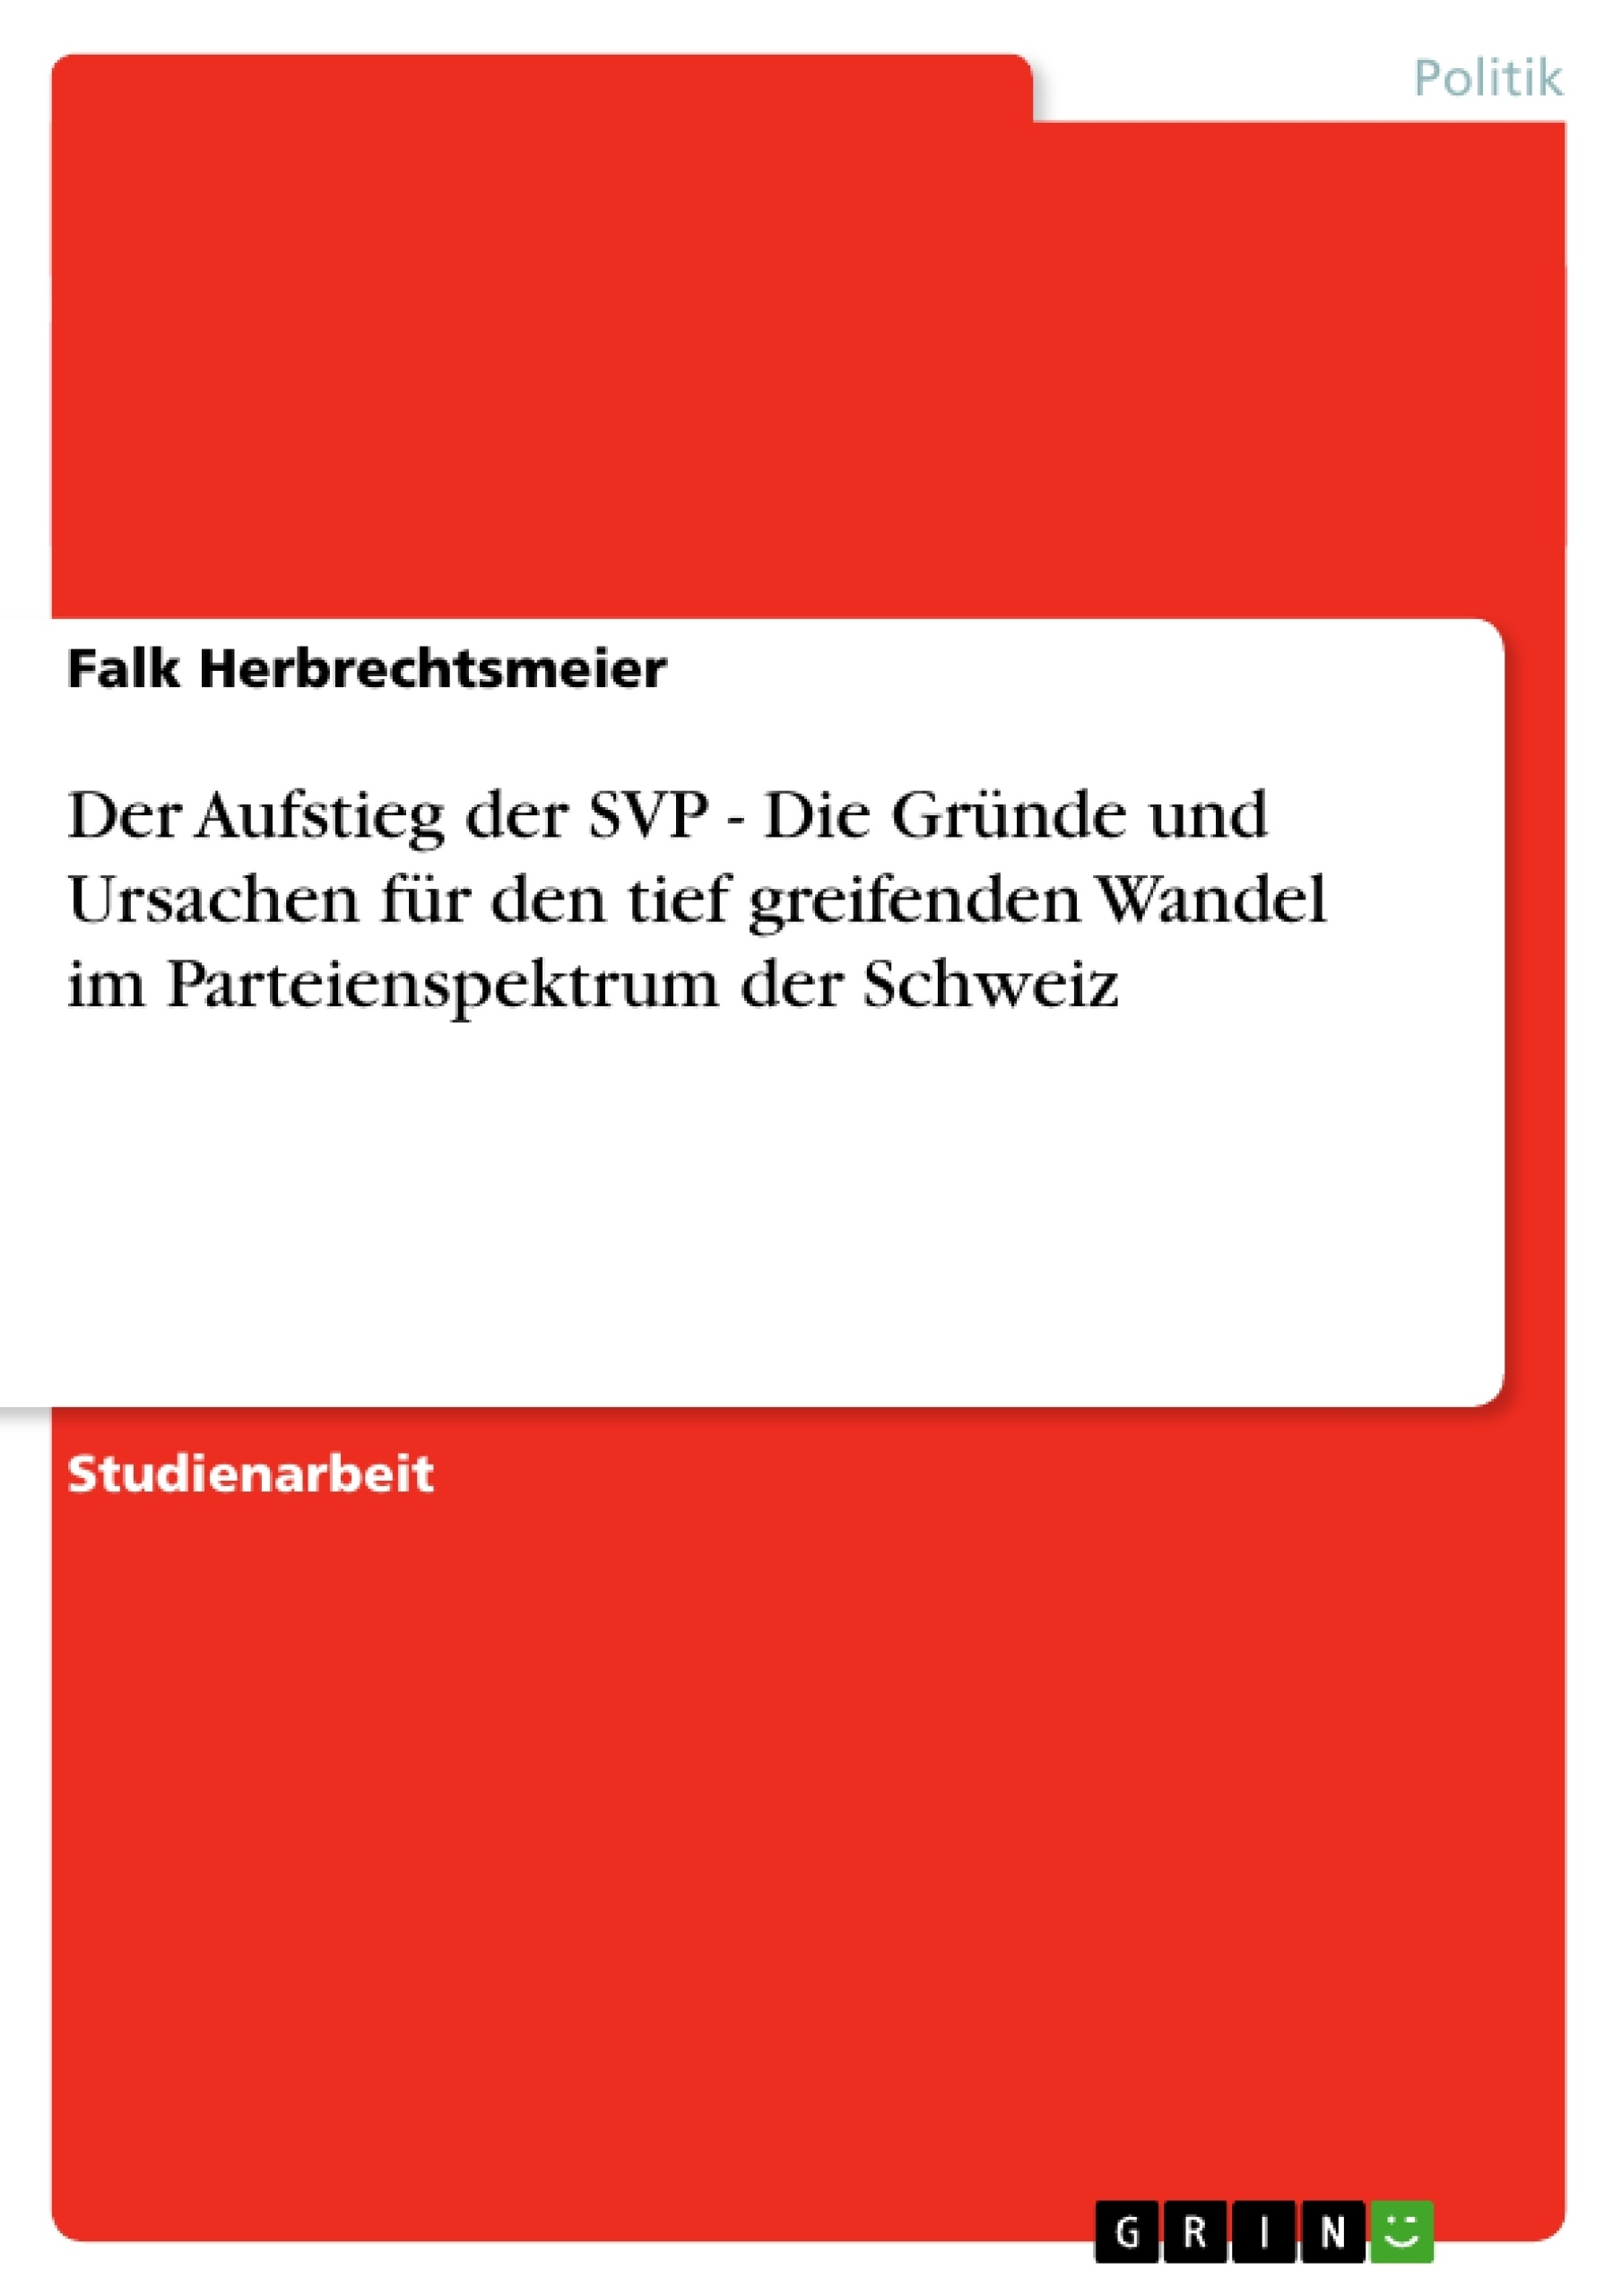 Titel: Der Aufstieg der SVP - Die Gründe und Ursachen für den tief greifenden Wandel im Parteienspektrum der Schweiz